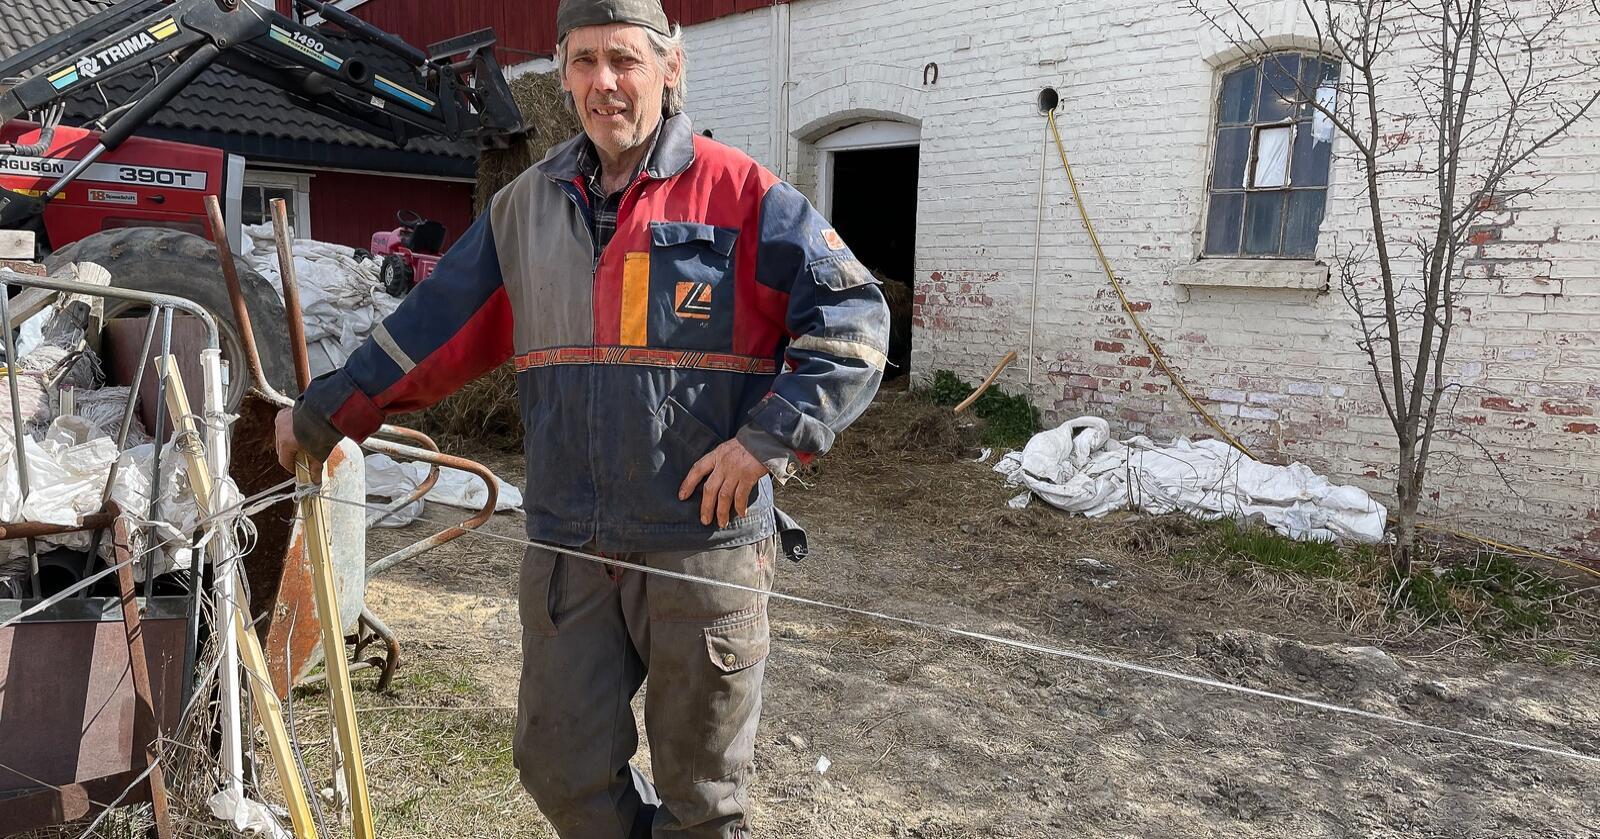 BLE TILTALT: Terje Nøstvedt (63) ble tiltalt for å ha forsømt syke dyr, selv når de ikke var hans egne. Foto: Anette Hammer/Smaalenenes avis